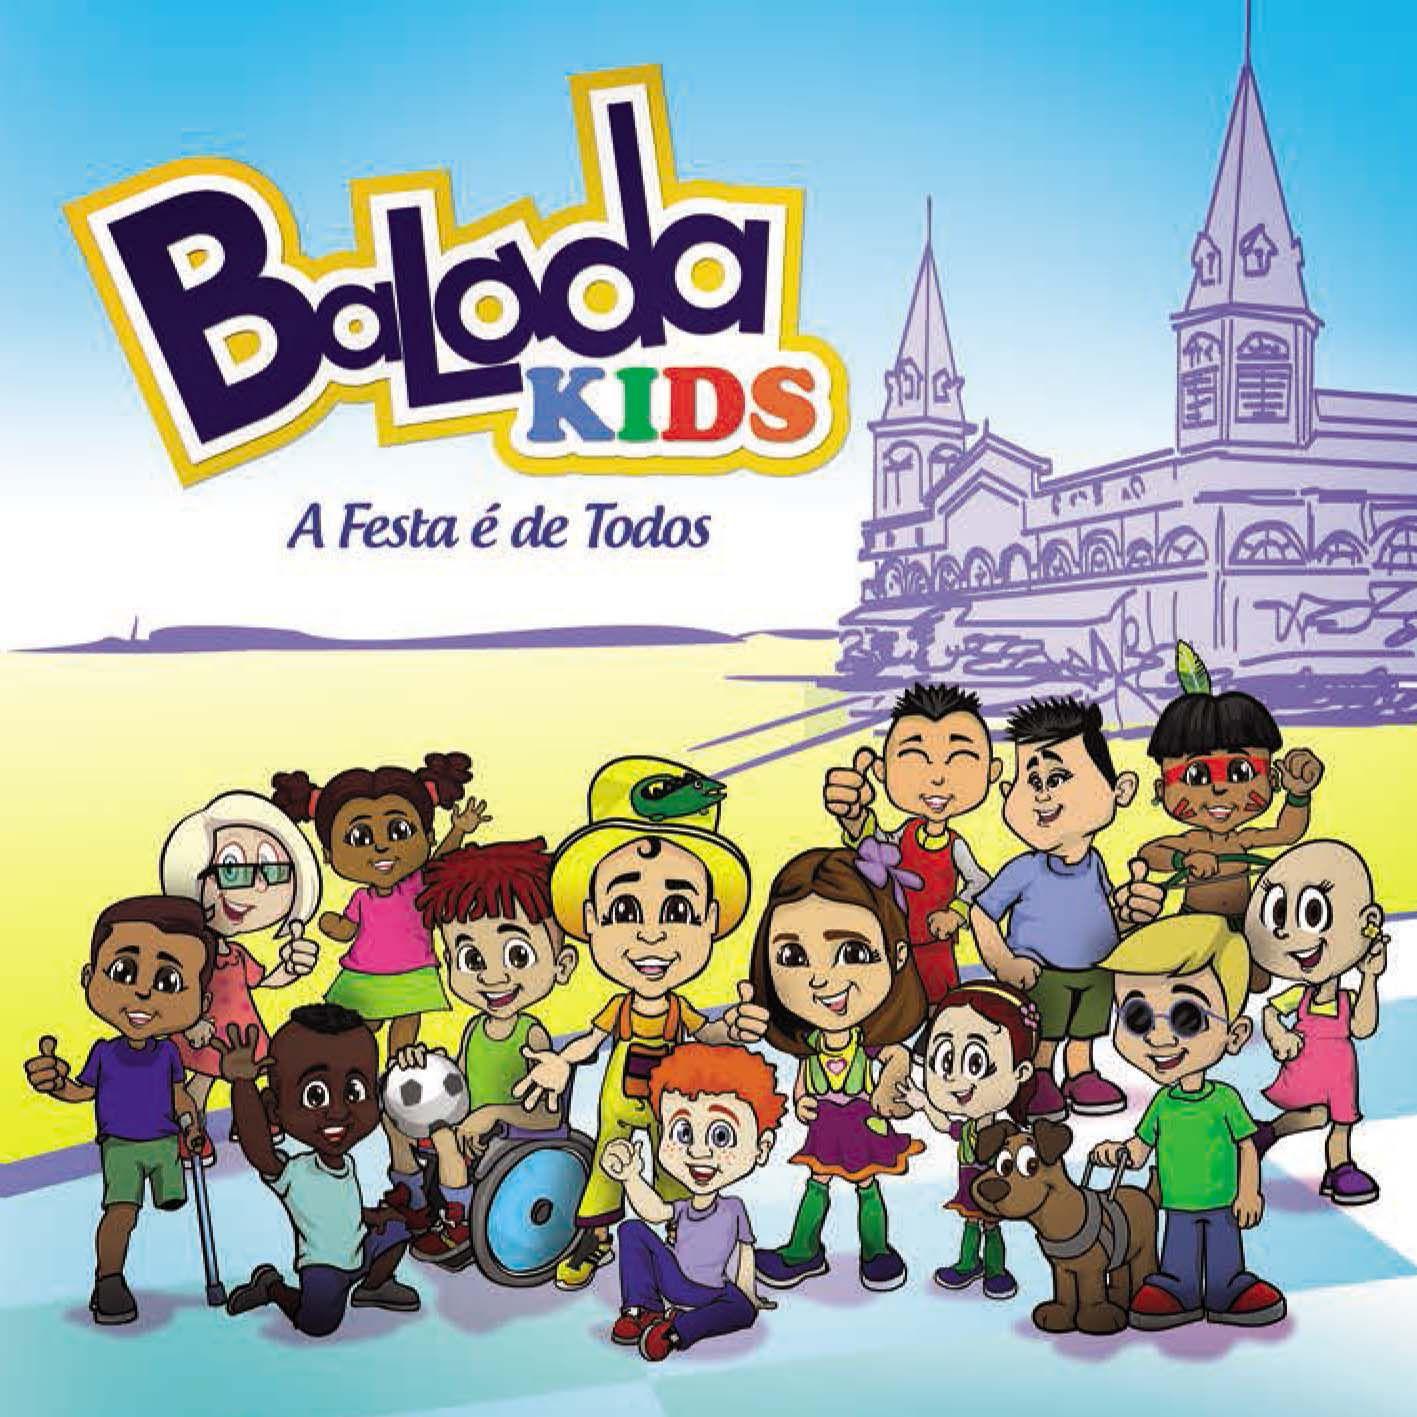 CD Balada Kids - A festa é de todos